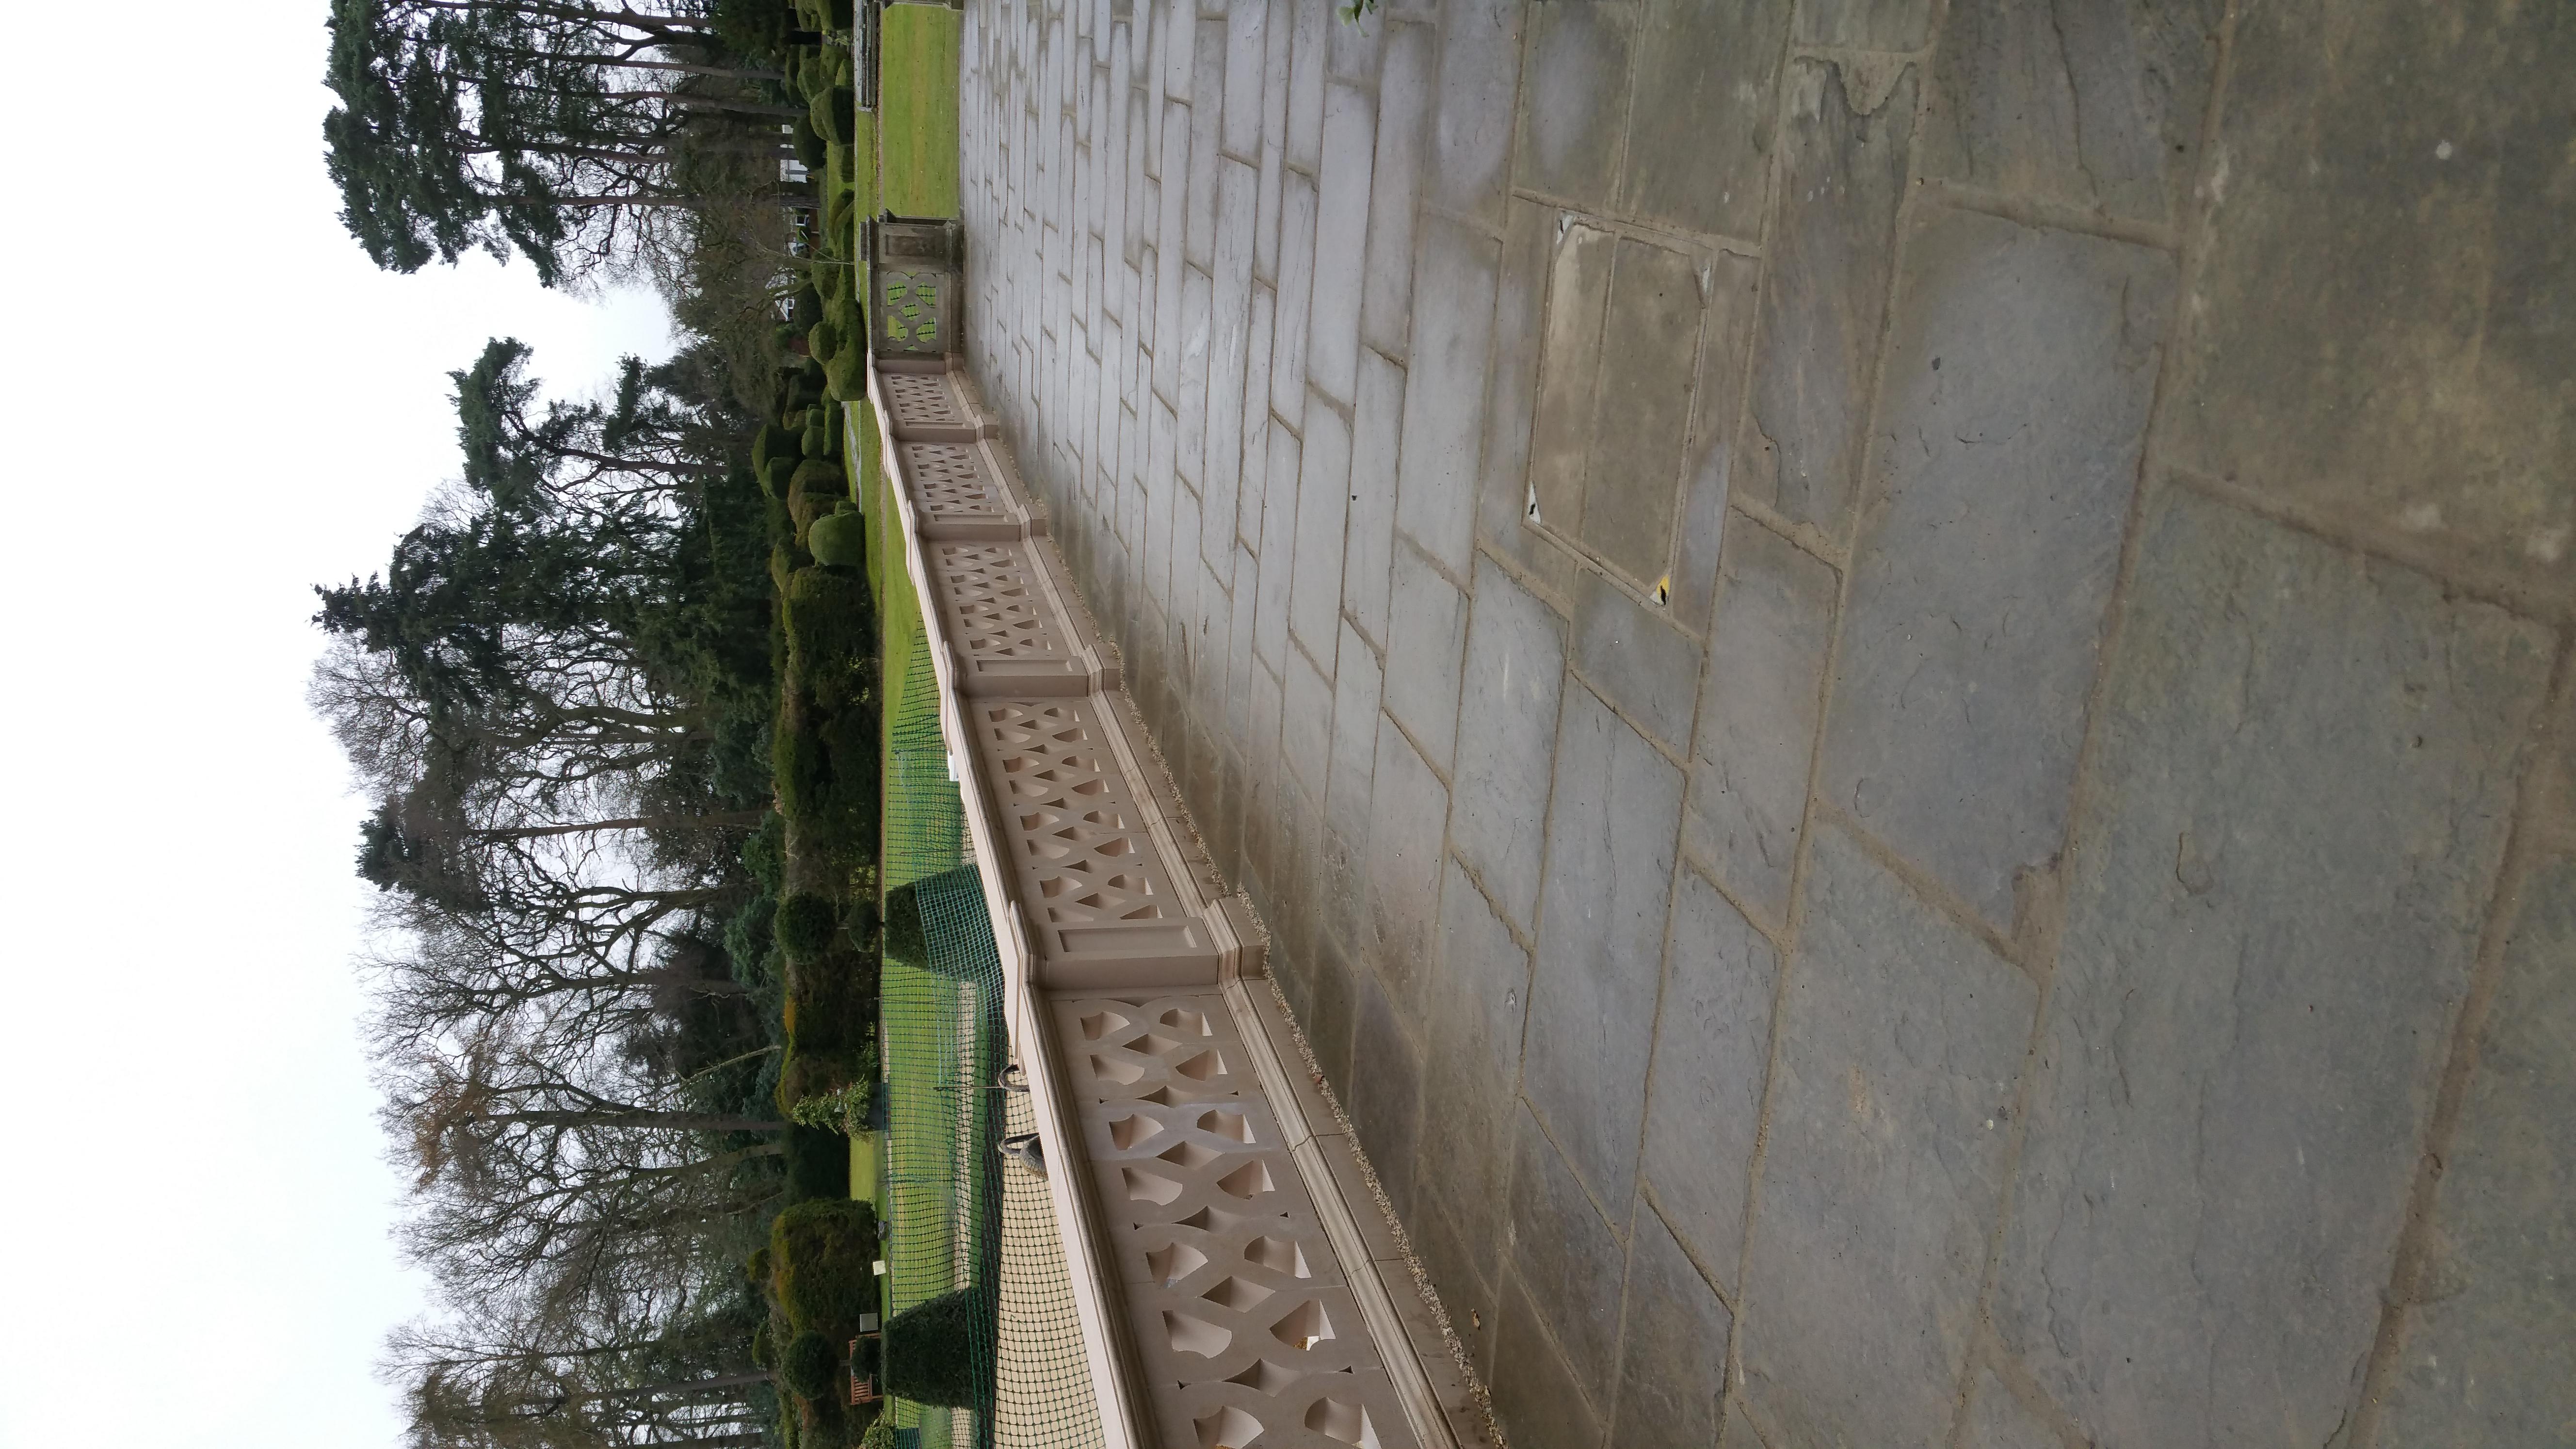 Jacobean Balustrade Walkway